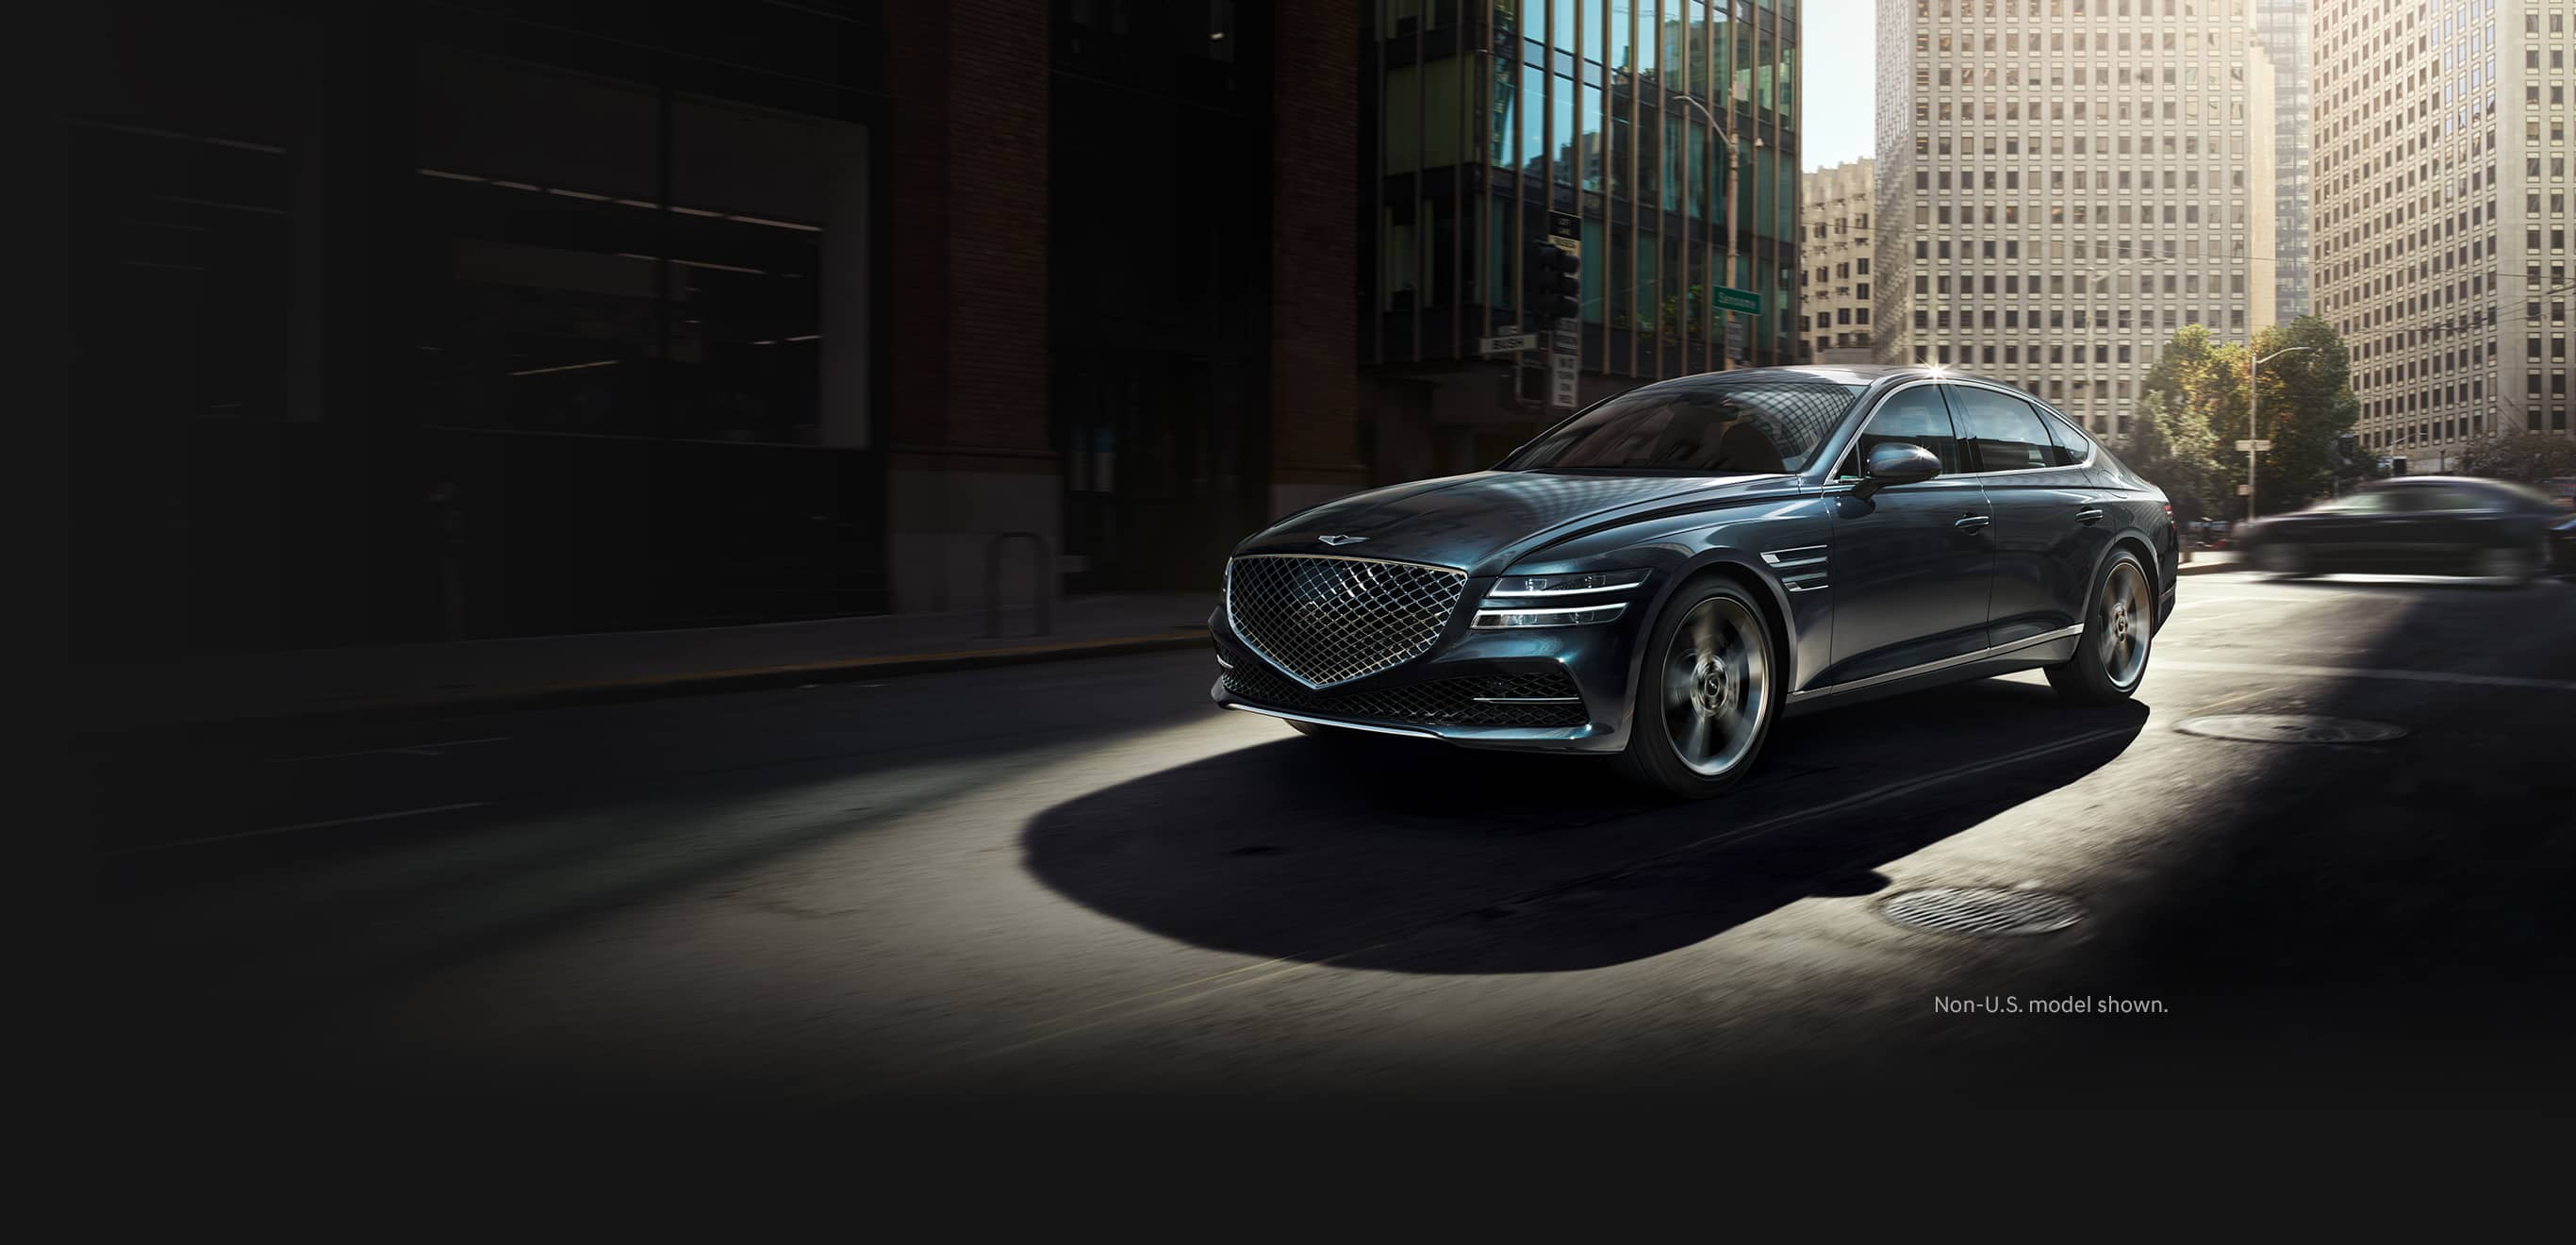 2020 Genesis G80 vs Lexus GS 350